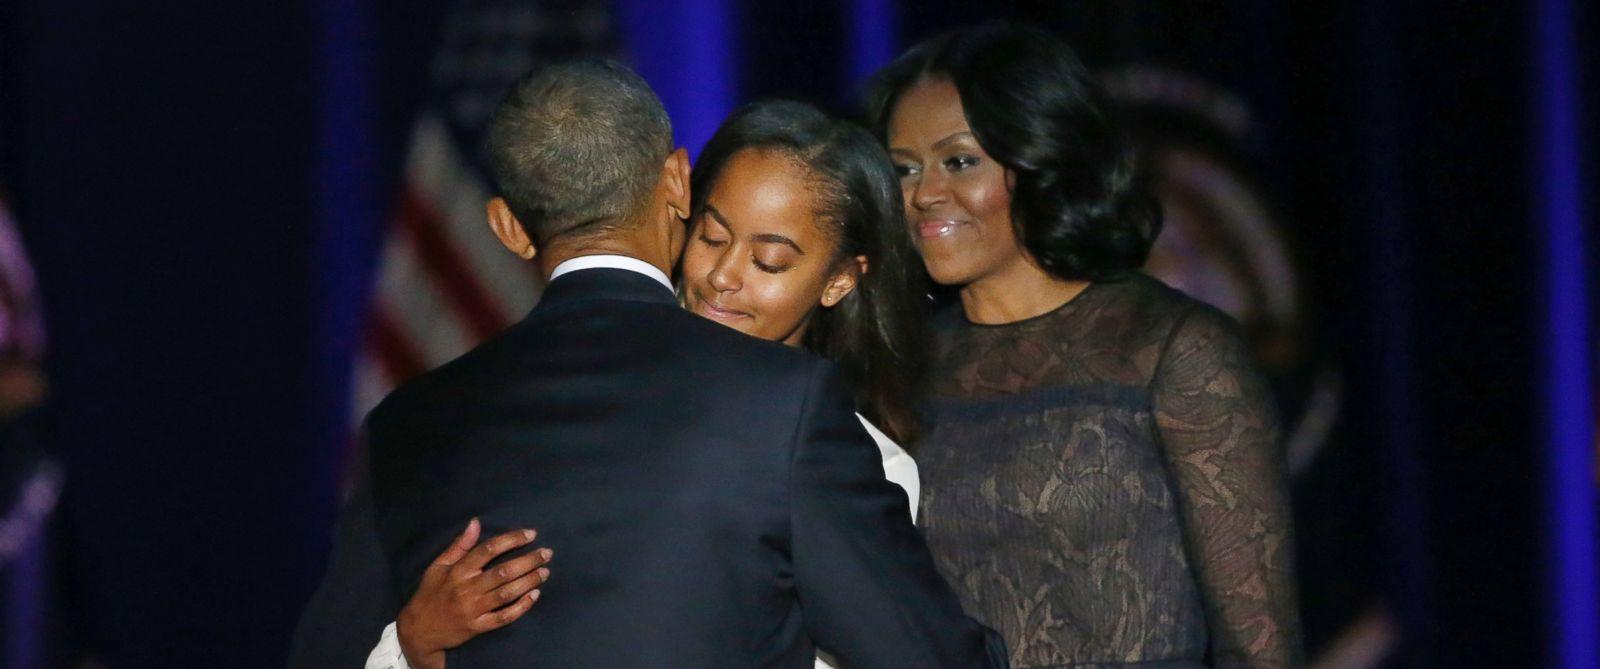 Cô con gái lớn 18 tuổi Malia ôm lấy cha sau khi ông phát biểu. Ảnh: AP